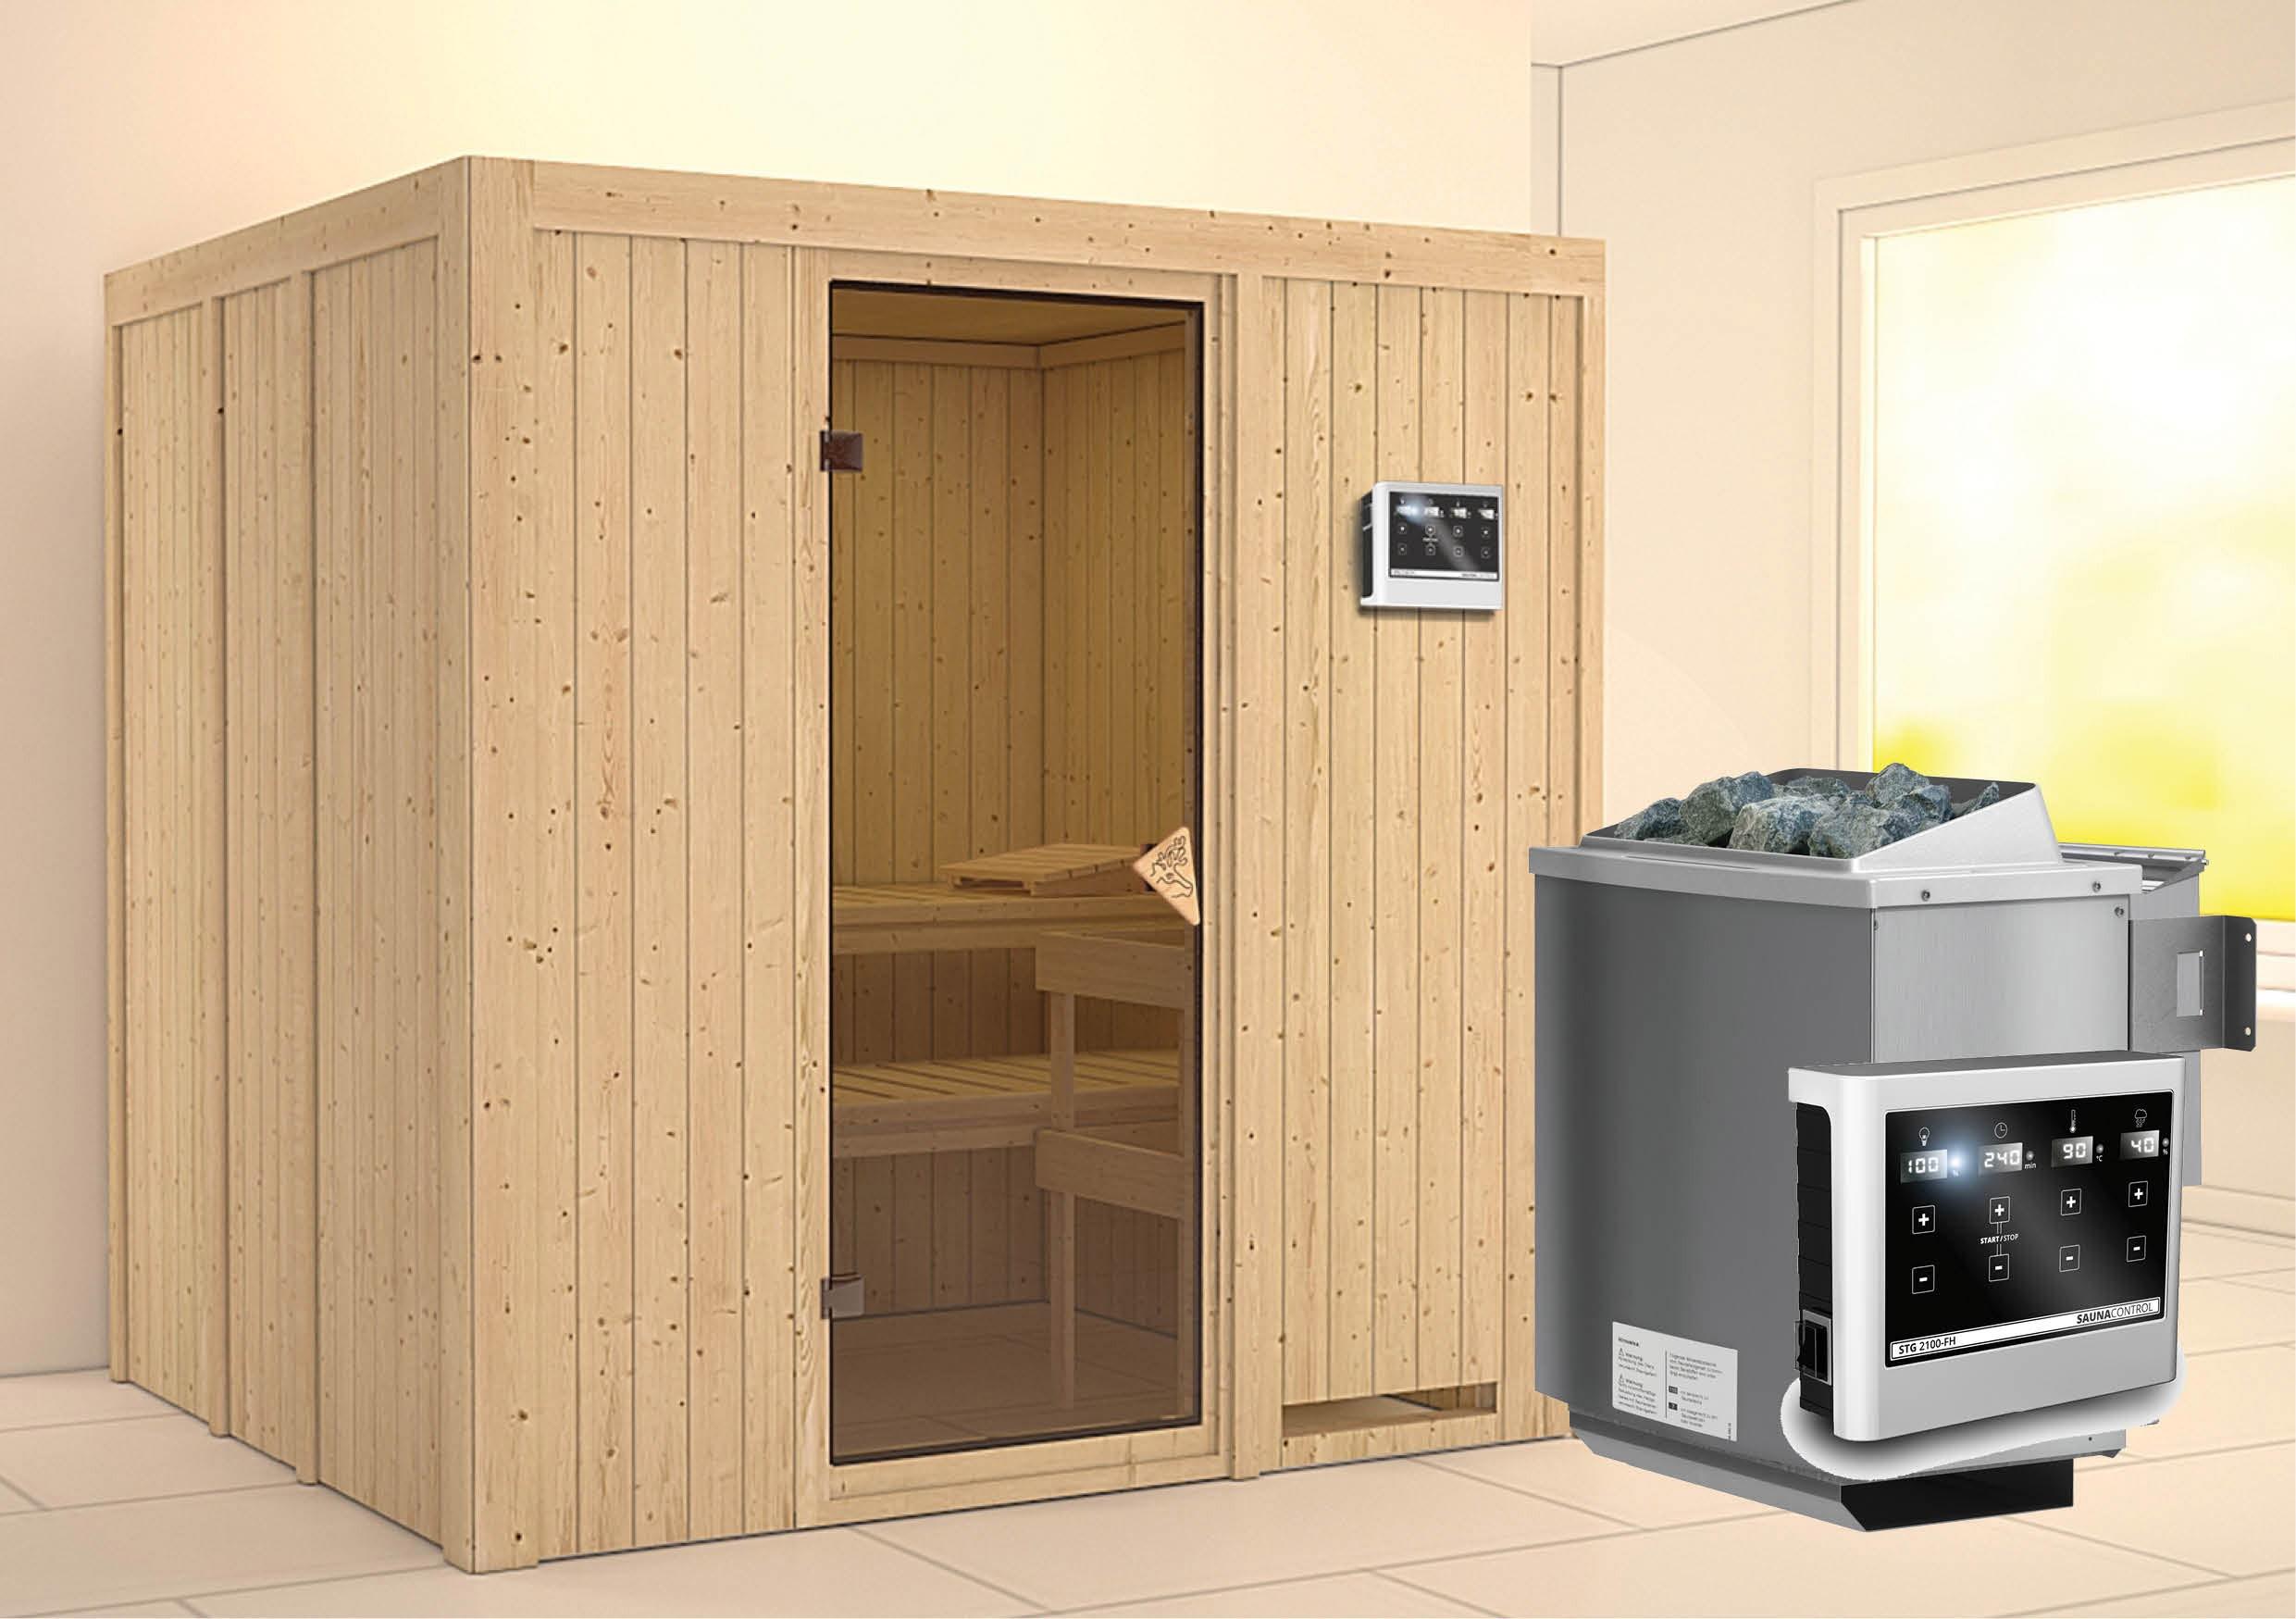 Karibu Sauna Sodin 68mm mit Bio Ofen 9kW extern classic Tür Bild 1